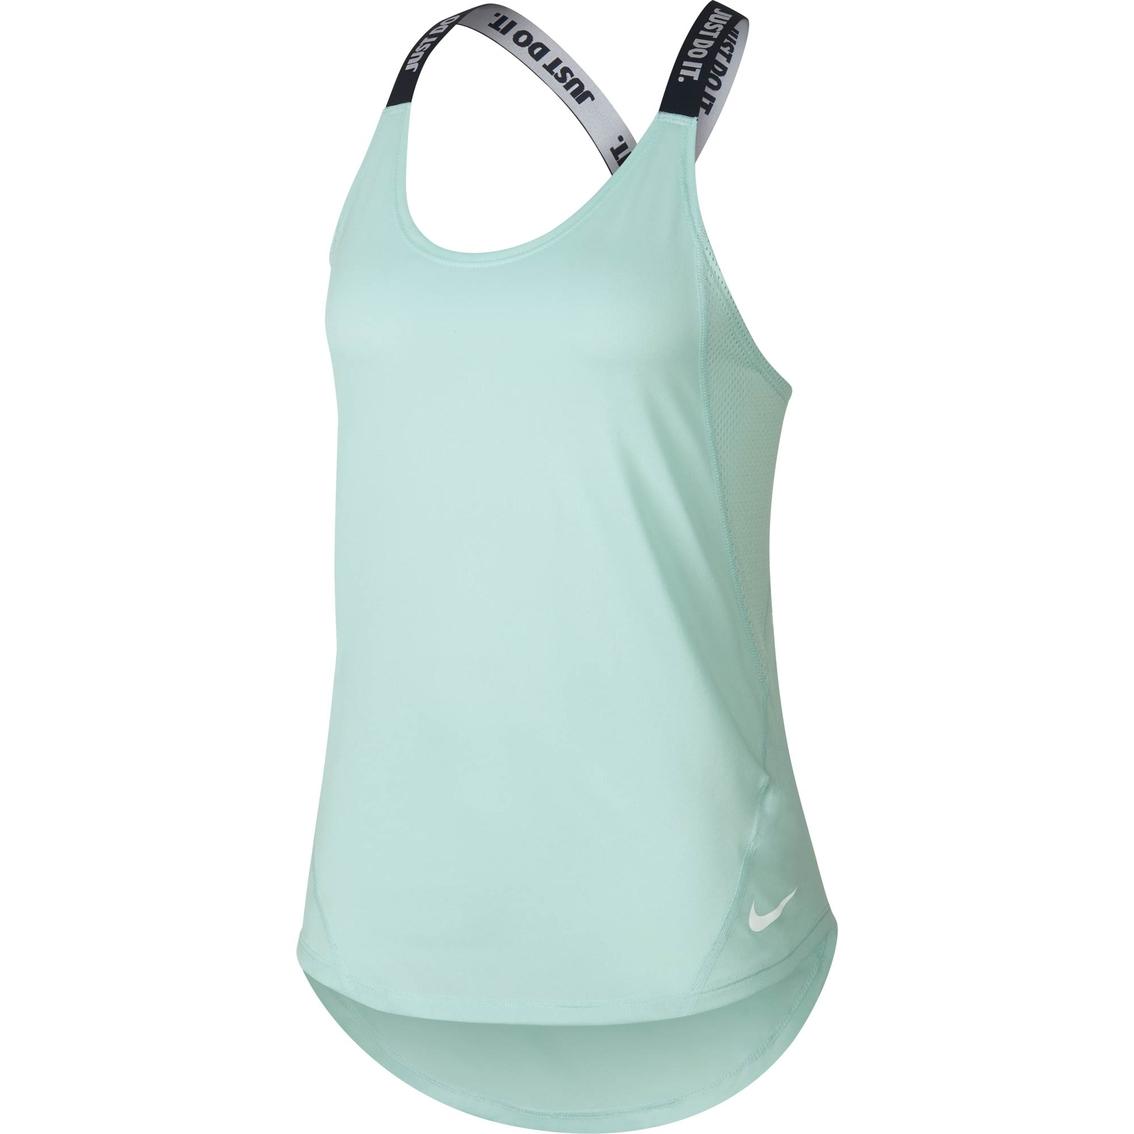 fd6418dbc0 Nike Dry Elastika Tank | Tops | Apparel | Shop The Exchange